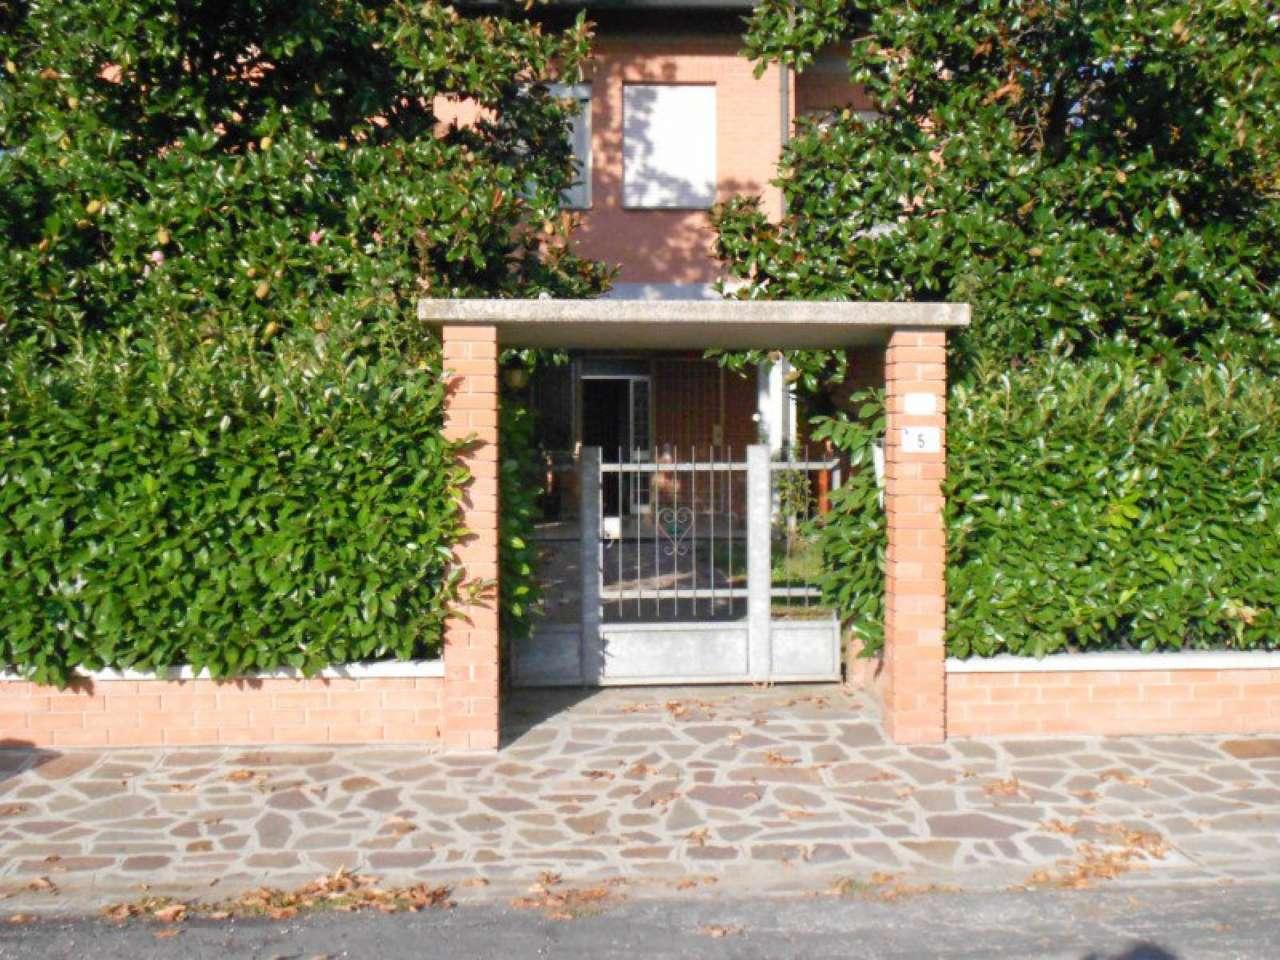 Villa in vendita a Castelfranco Emilia, 10 locali, prezzo € 345.000 | CambioCasa.it